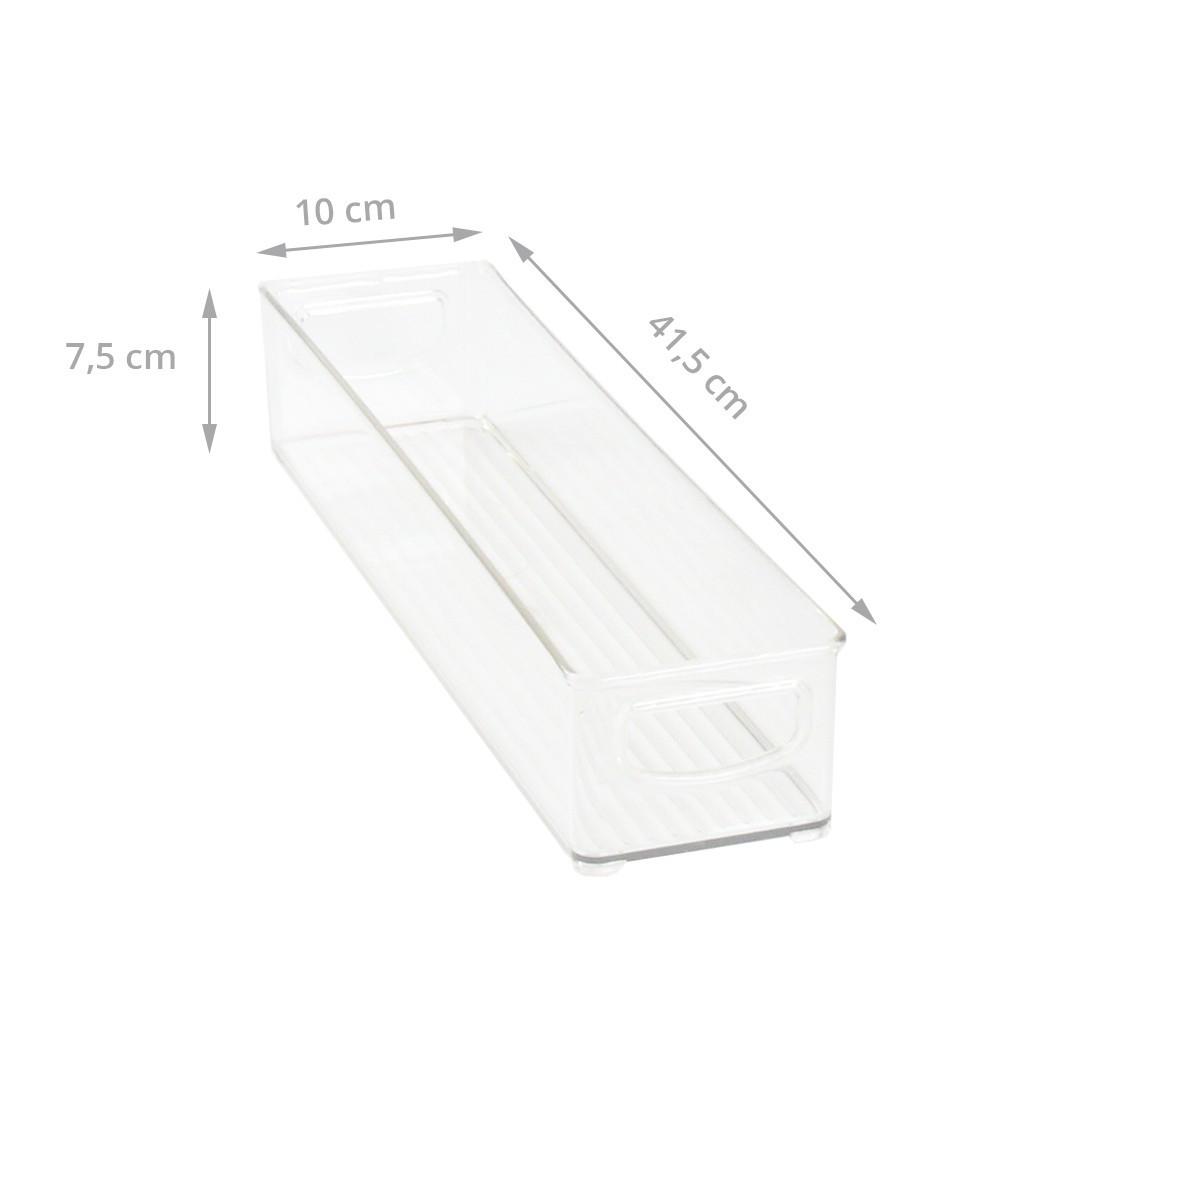 pas cher pour réduction e4b7b e3fe7 Long bac en plastique S transparent et empilable pour organiser placards et  tiroirs